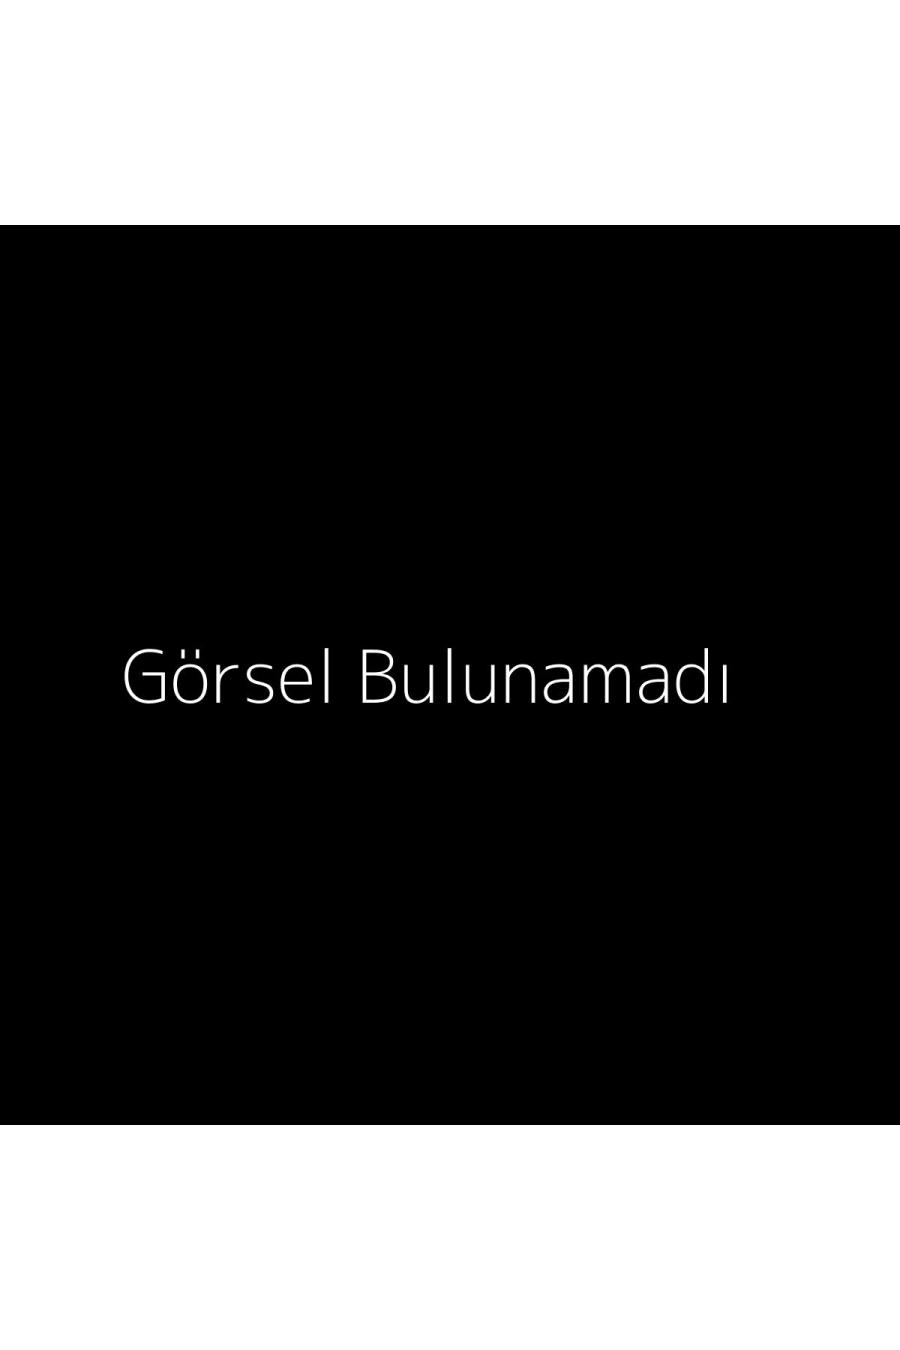 Siyah Rhodium Vaness Yüzük